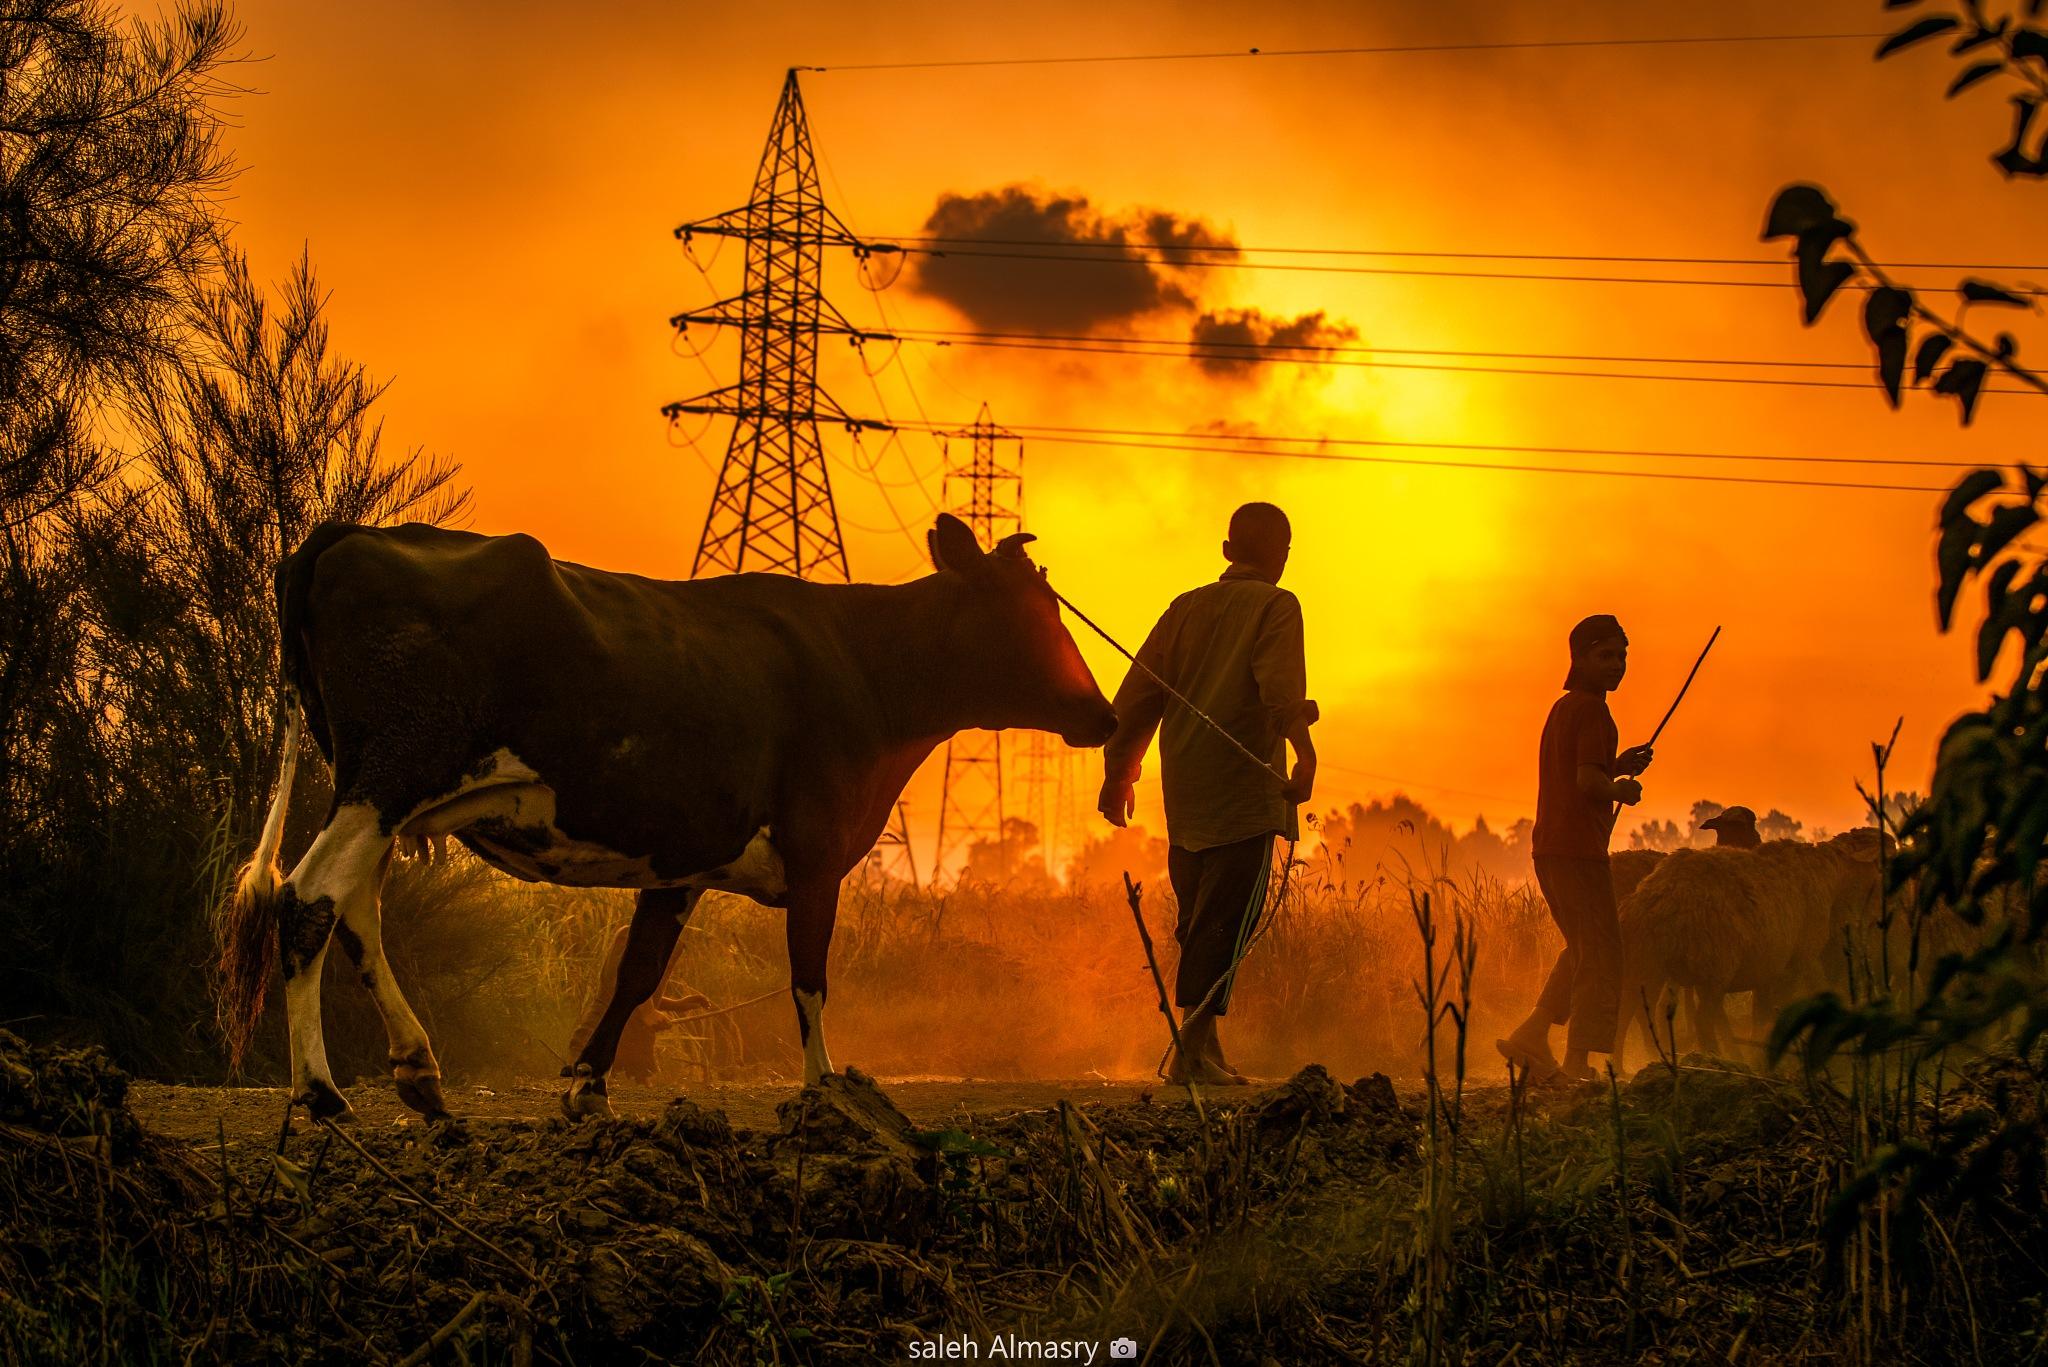 حياة المزارع by Saleh Almasry